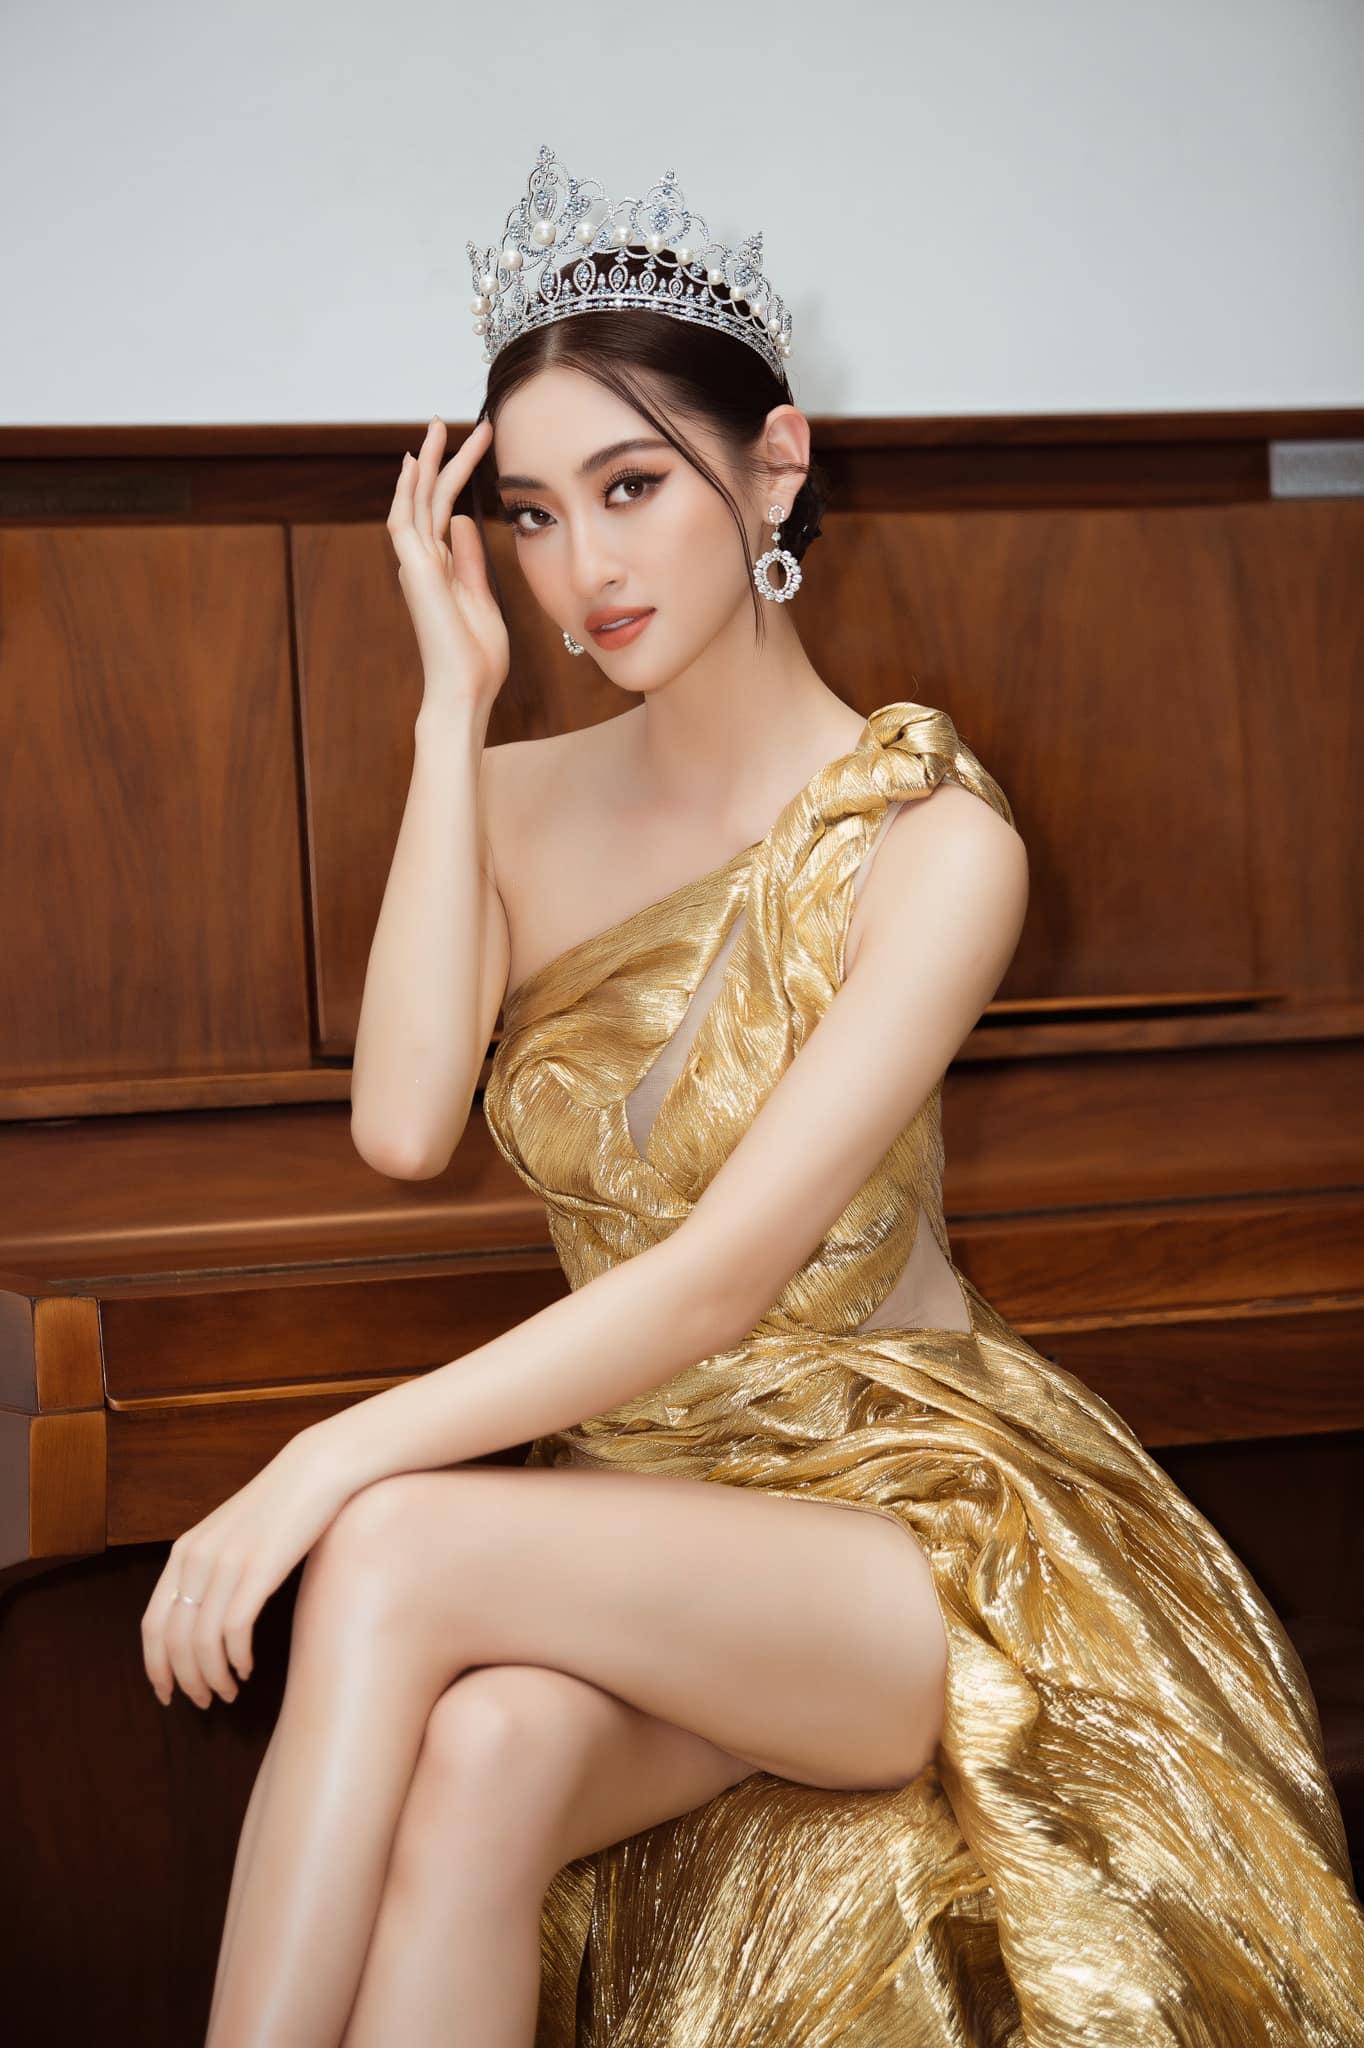 """Hoa hậu Đỗ Mỹ Linh, Lương Thùy Linh bất ngờ """"tái xuất"""" trong clip Miss World 2021, Đỗ Thị Hà gây chú ý - Ảnh 3."""